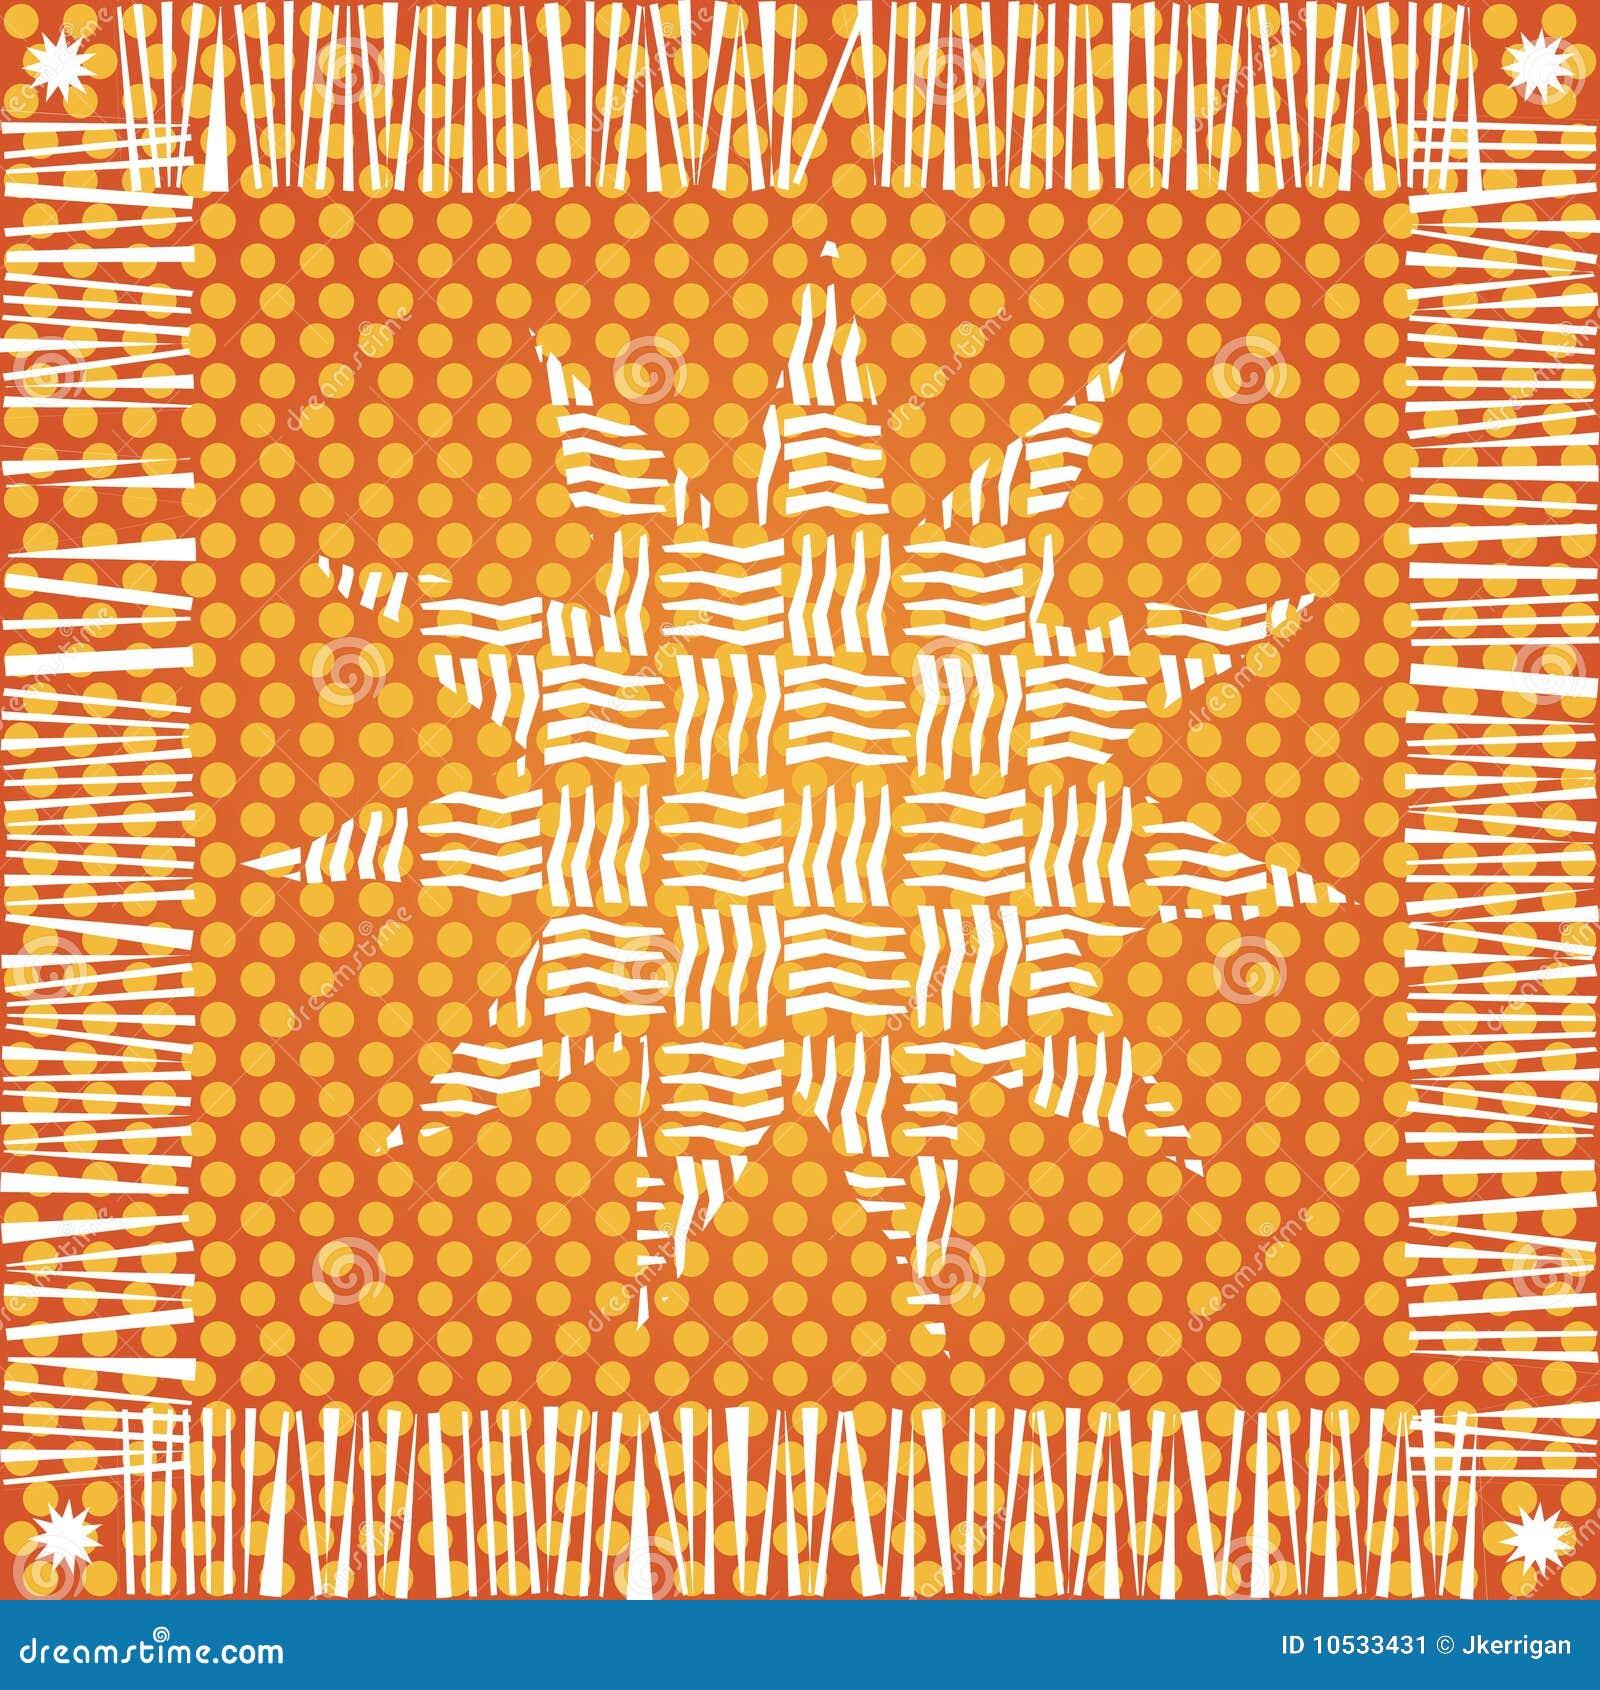 Native sun designs